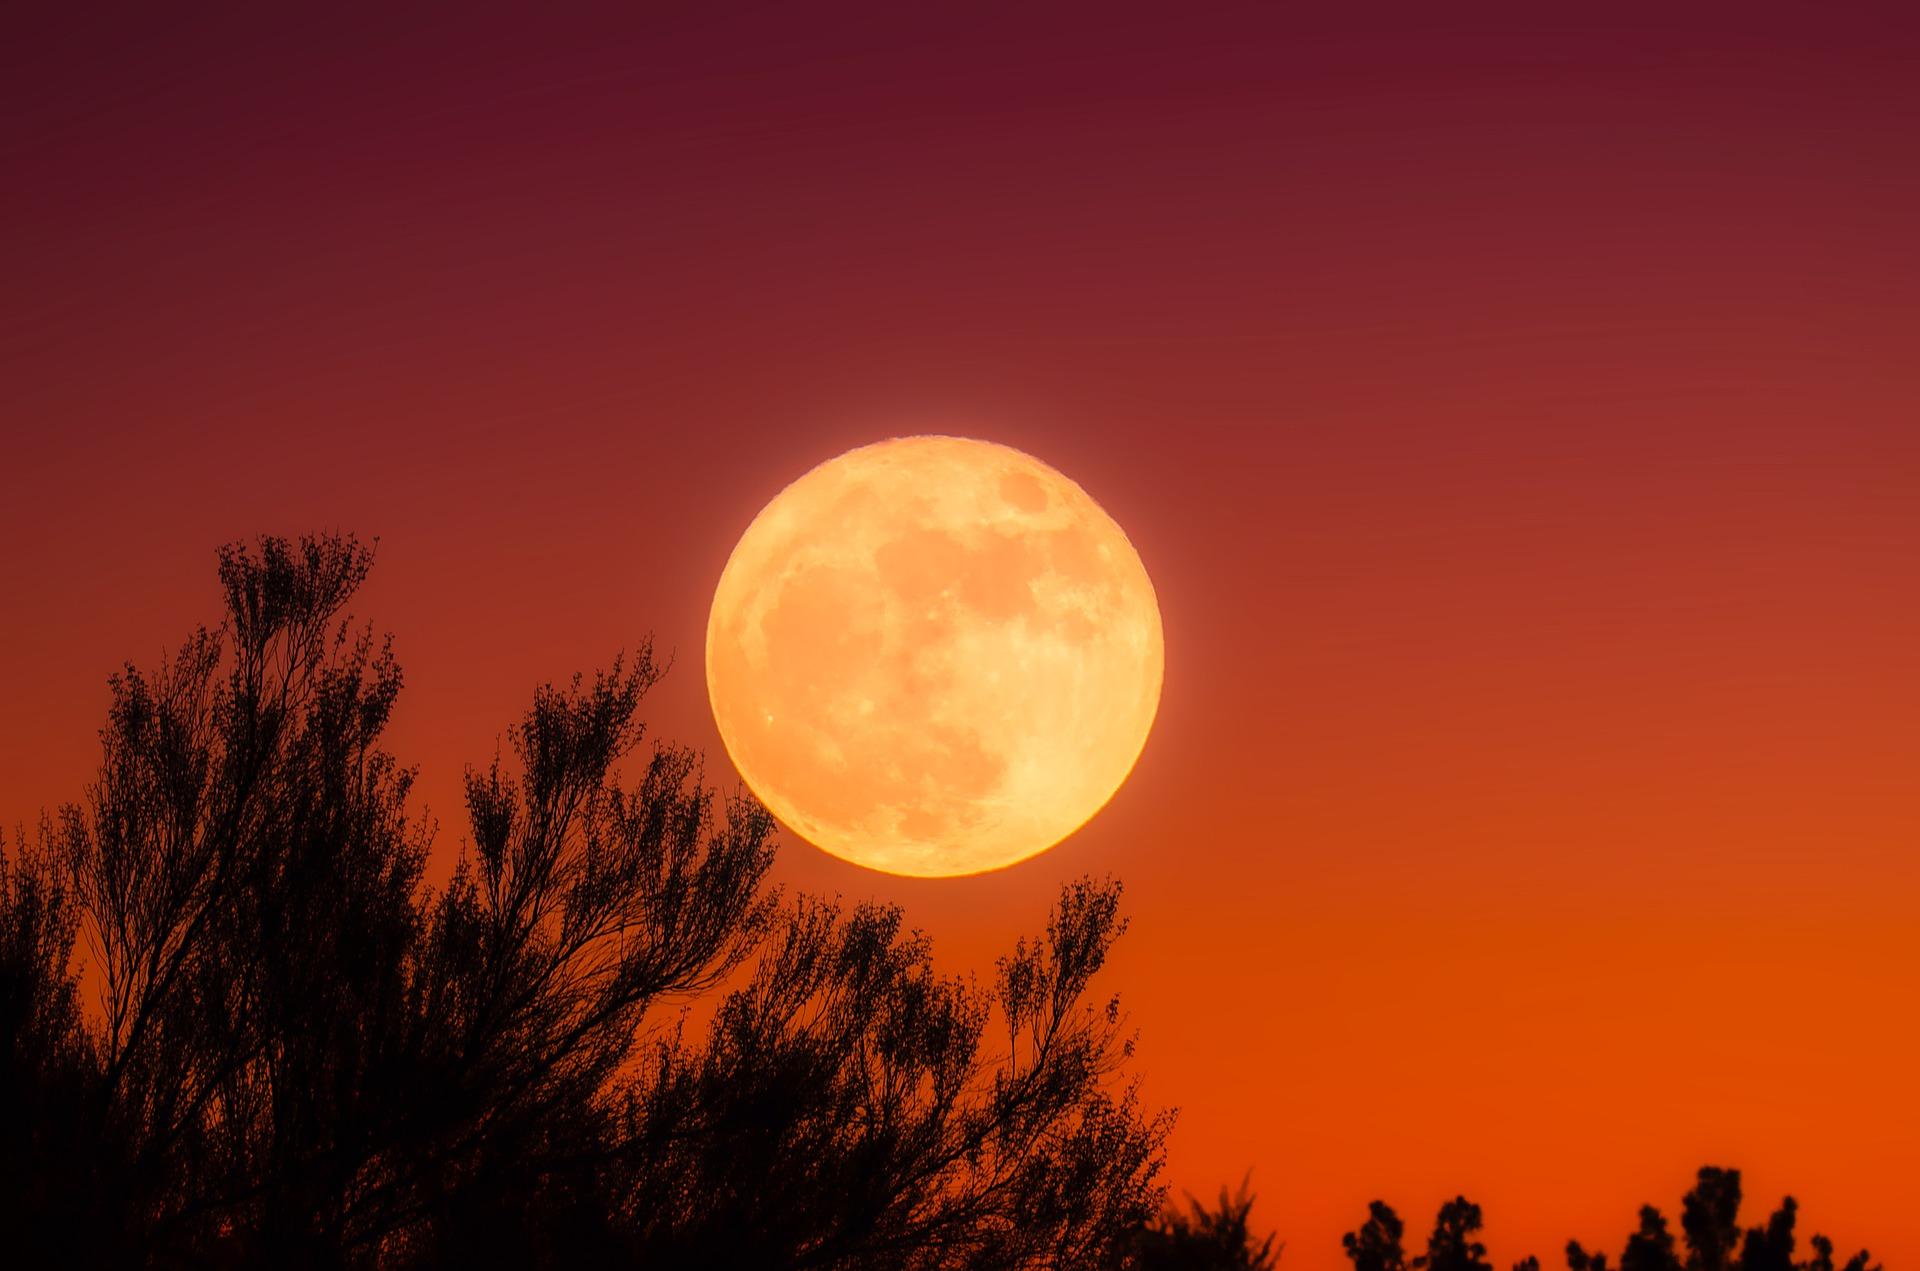 happy harvest moon wishes